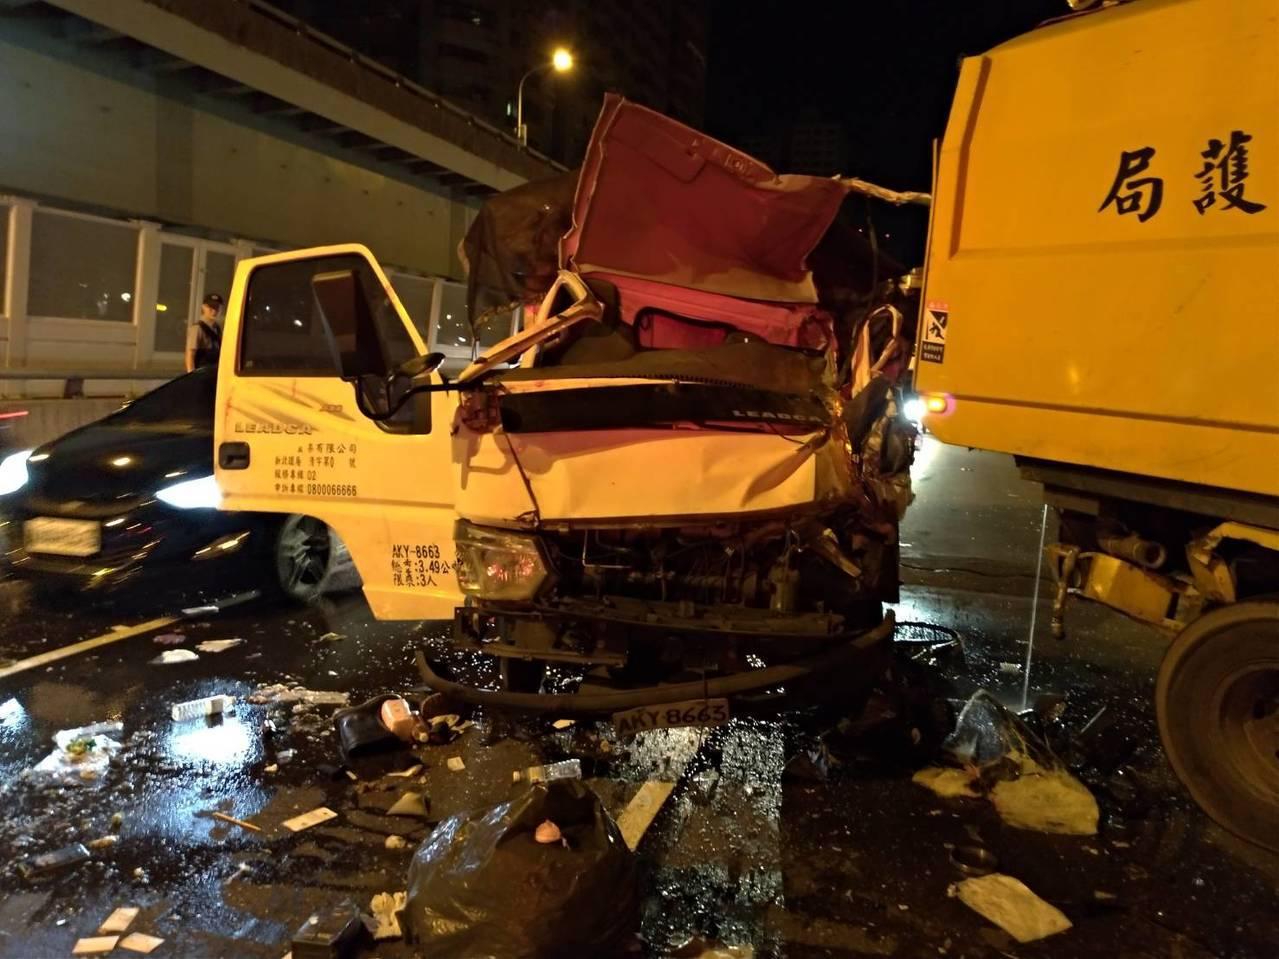 小貨車撞到車頭嚴重變形。記者林昭彰/翻攝